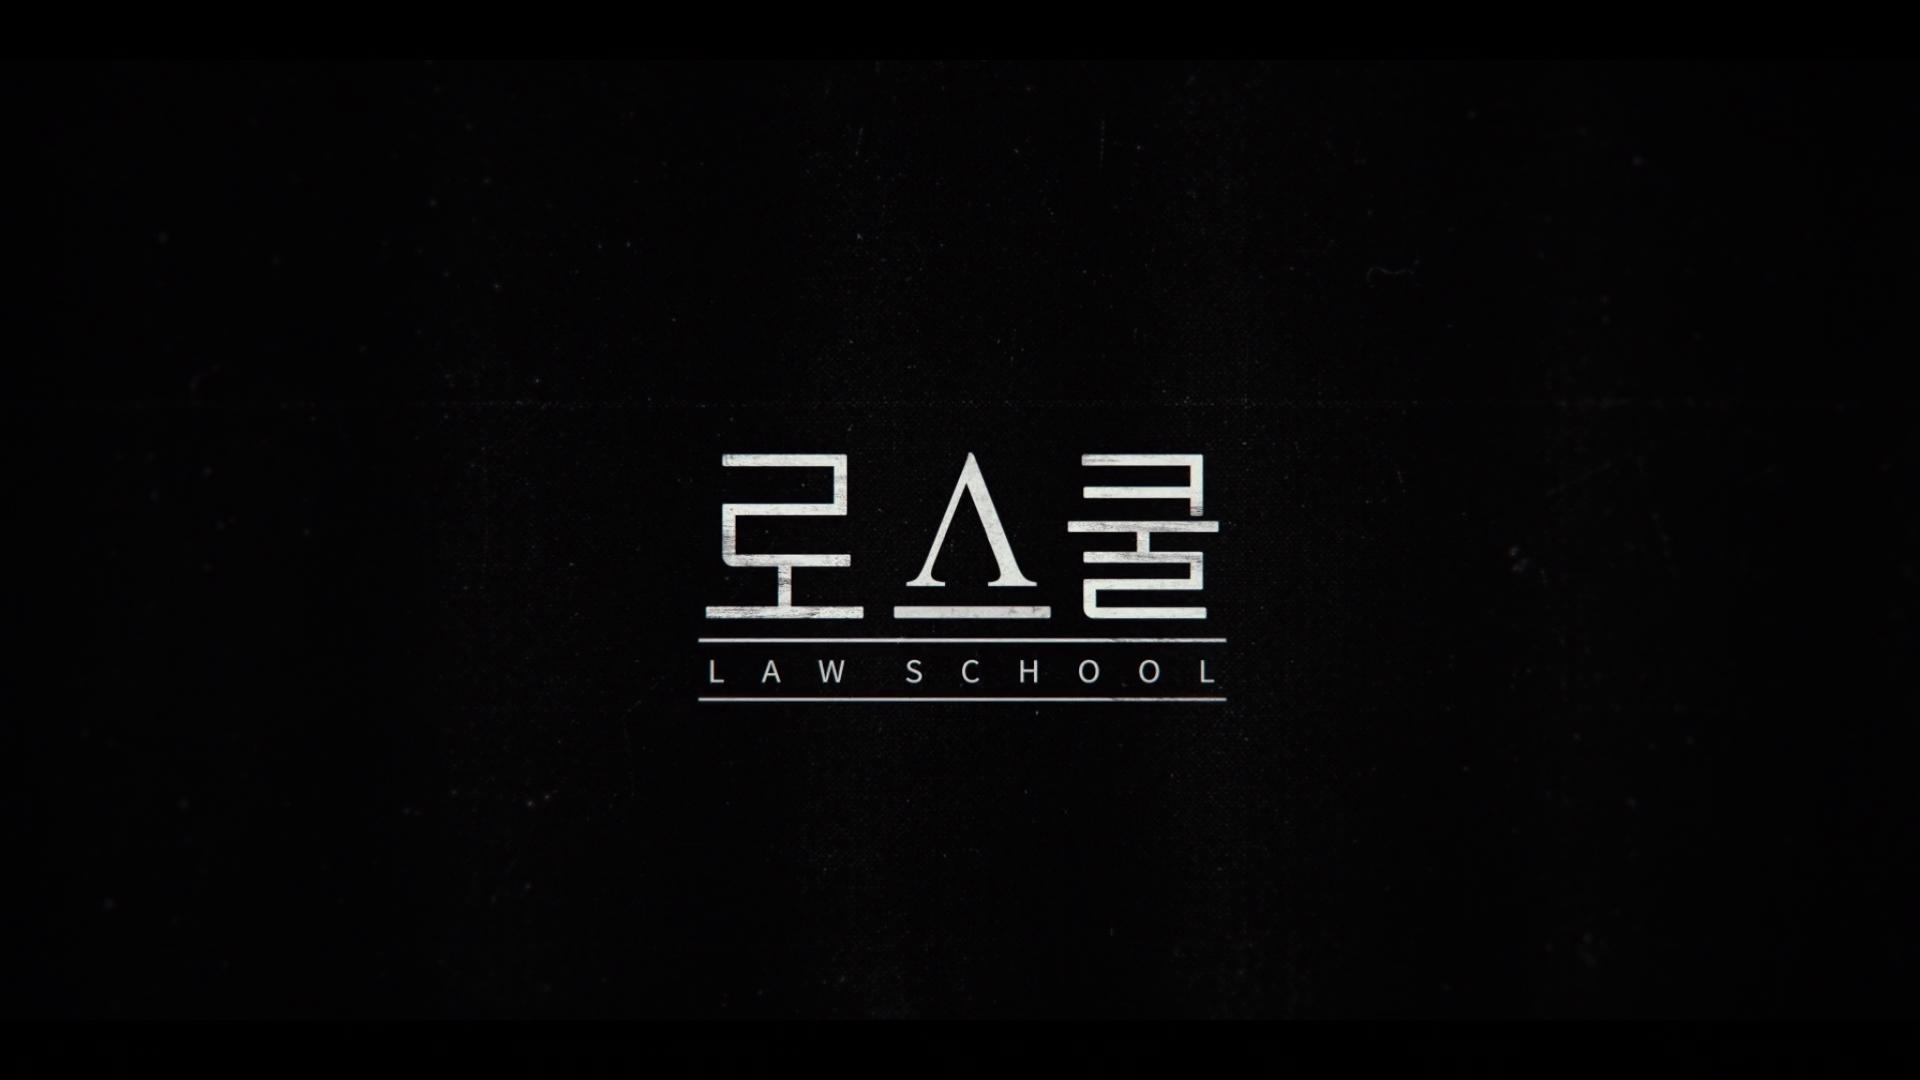 Facultad de Derecho (2021) Temporada 1 1080p WEB-DL